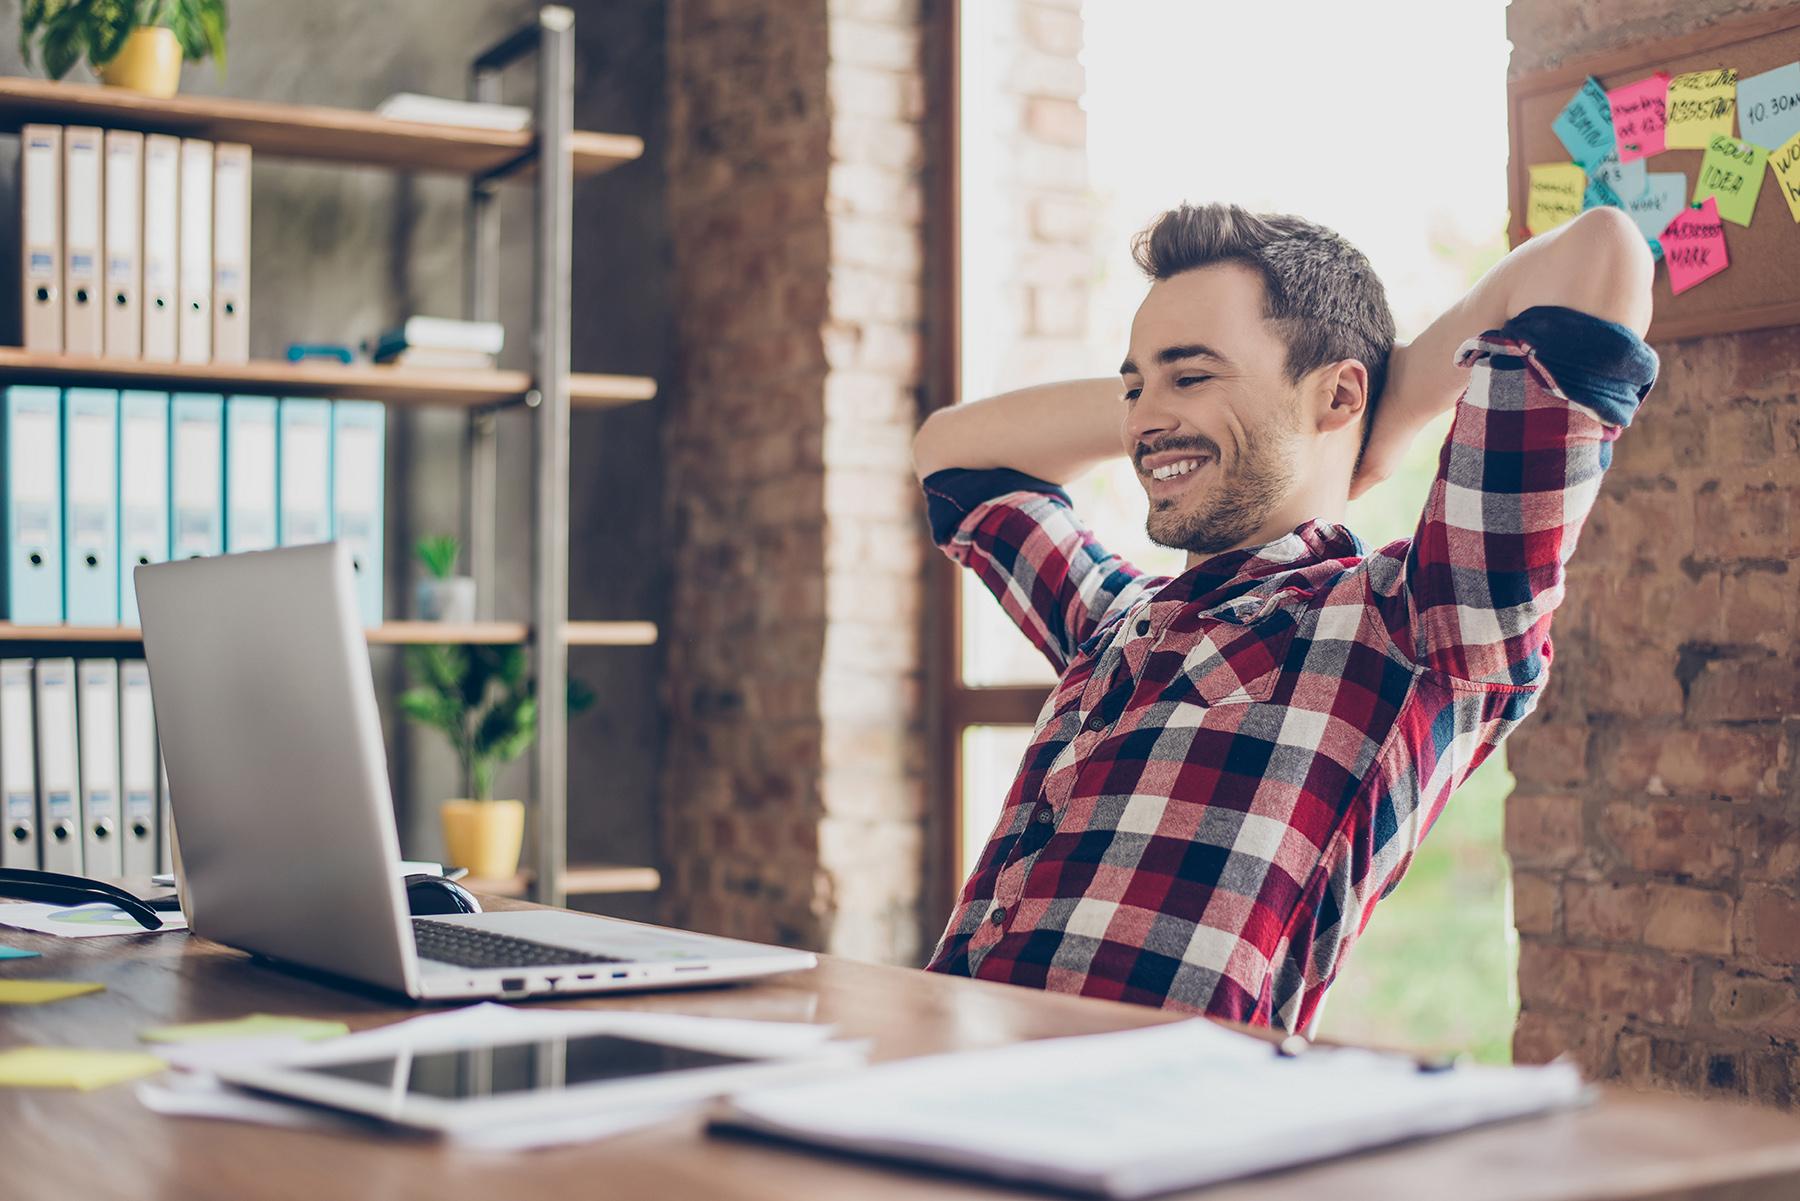 Tenemos algunos consejos para compartir contigo sobre cómo mantener tu cuenta activa sin problemas.